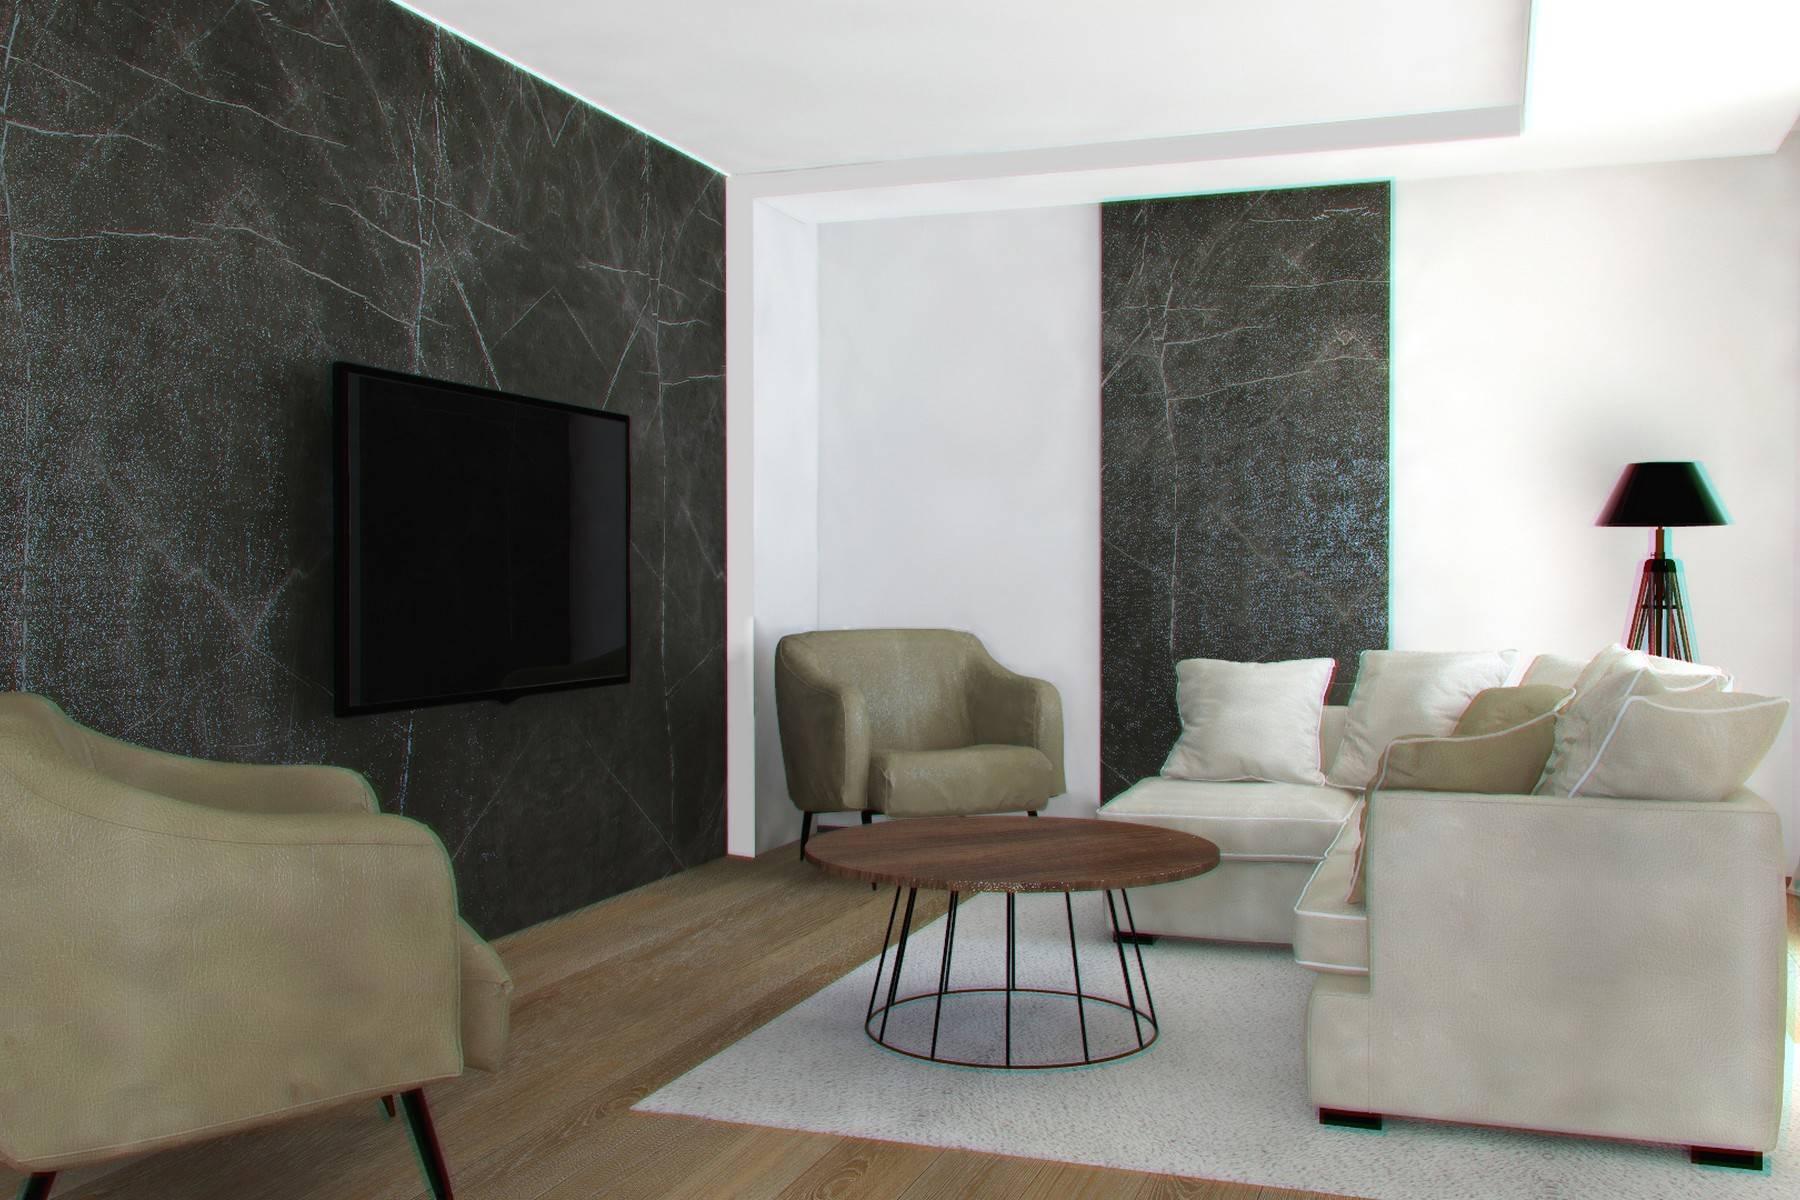 Appartamento in Vendita a Ventimiglia: 4 locali, 116 mq - Foto 11